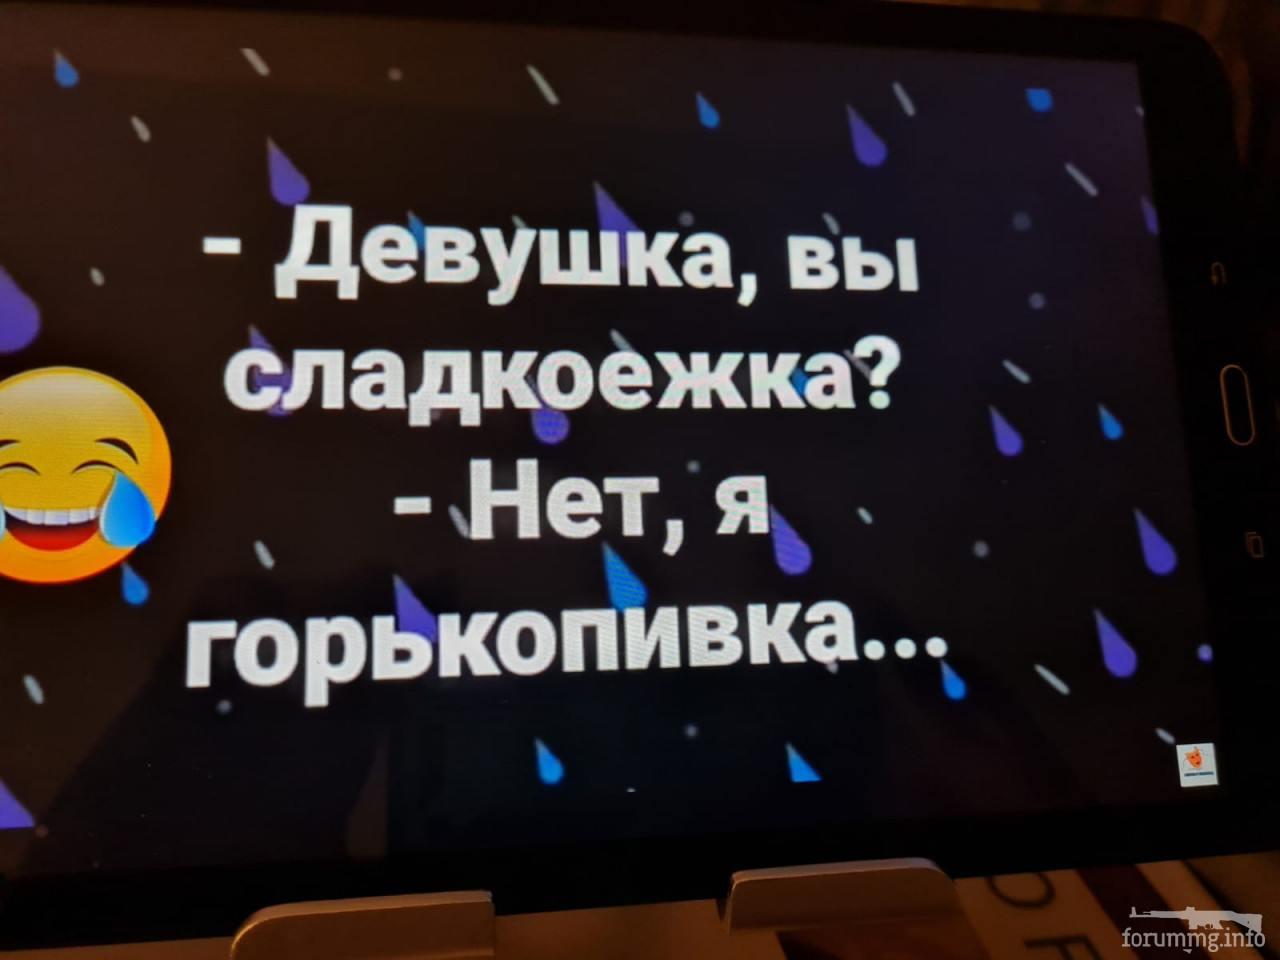 120275 - Пить или не пить? - пятничная алкогольная тема )))